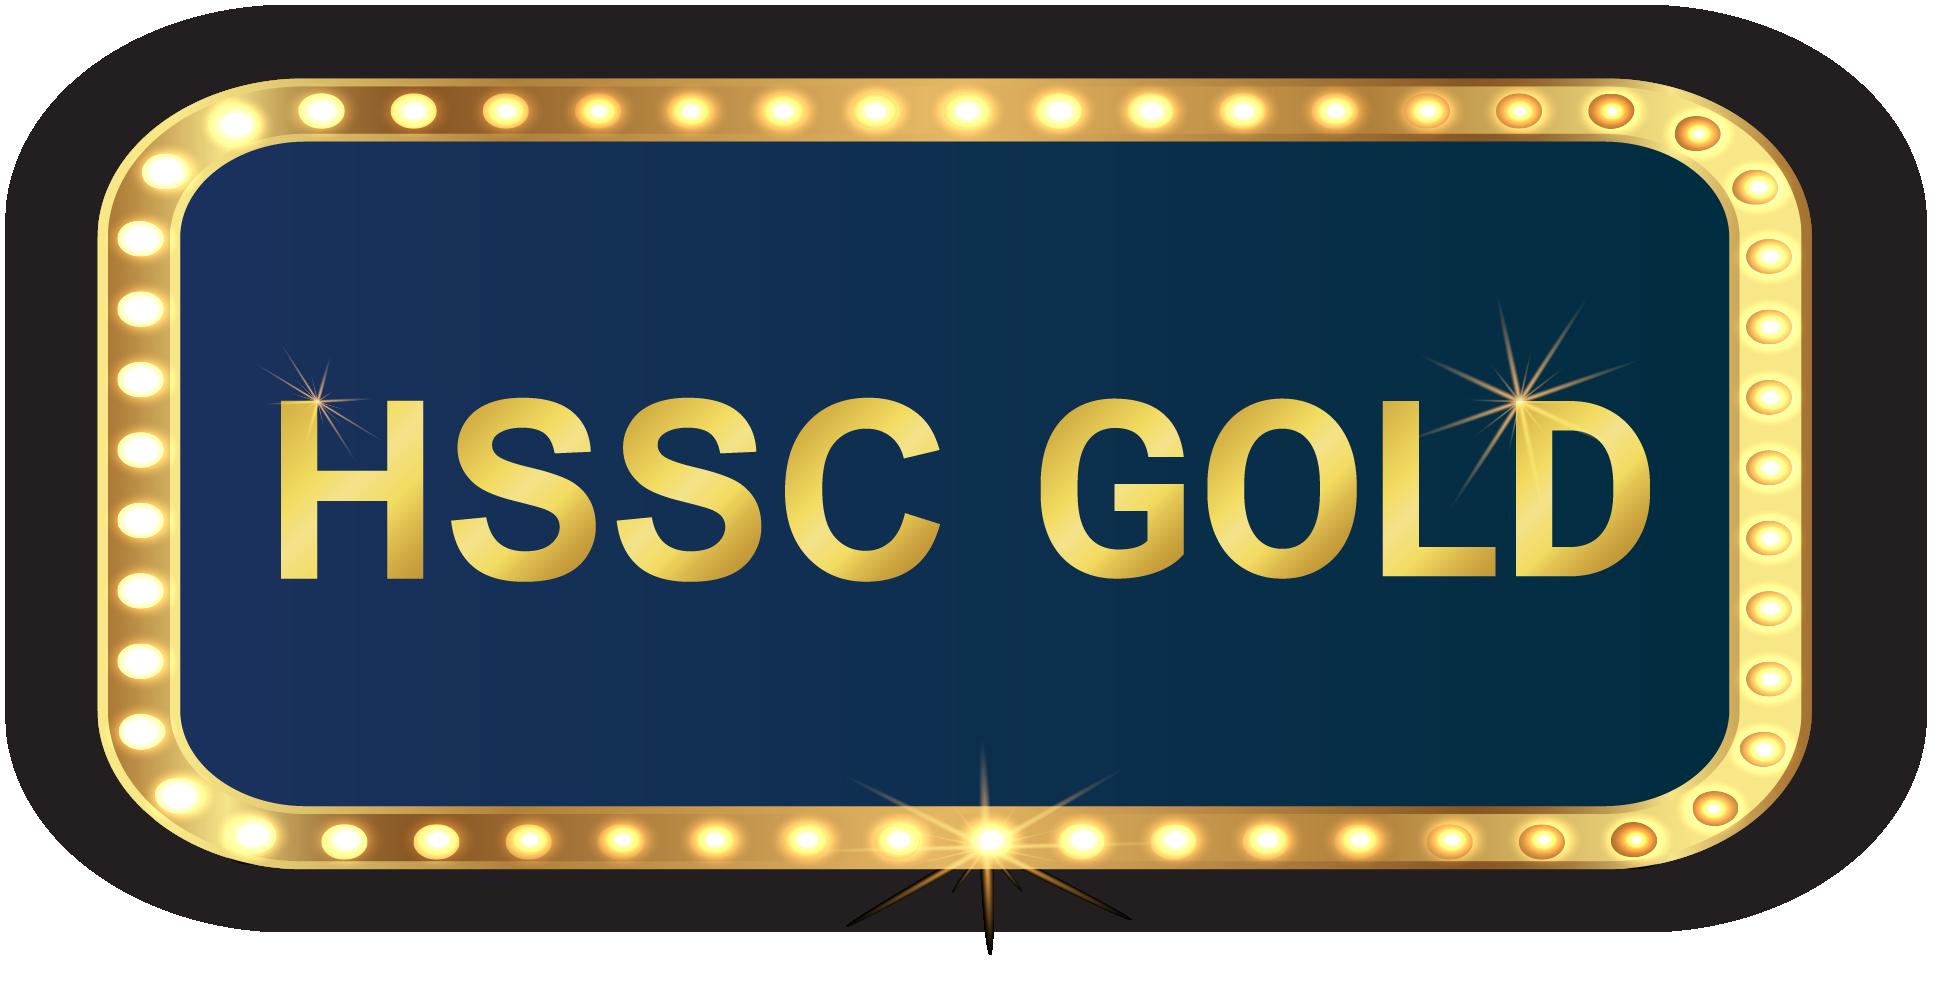 HSSC Gold